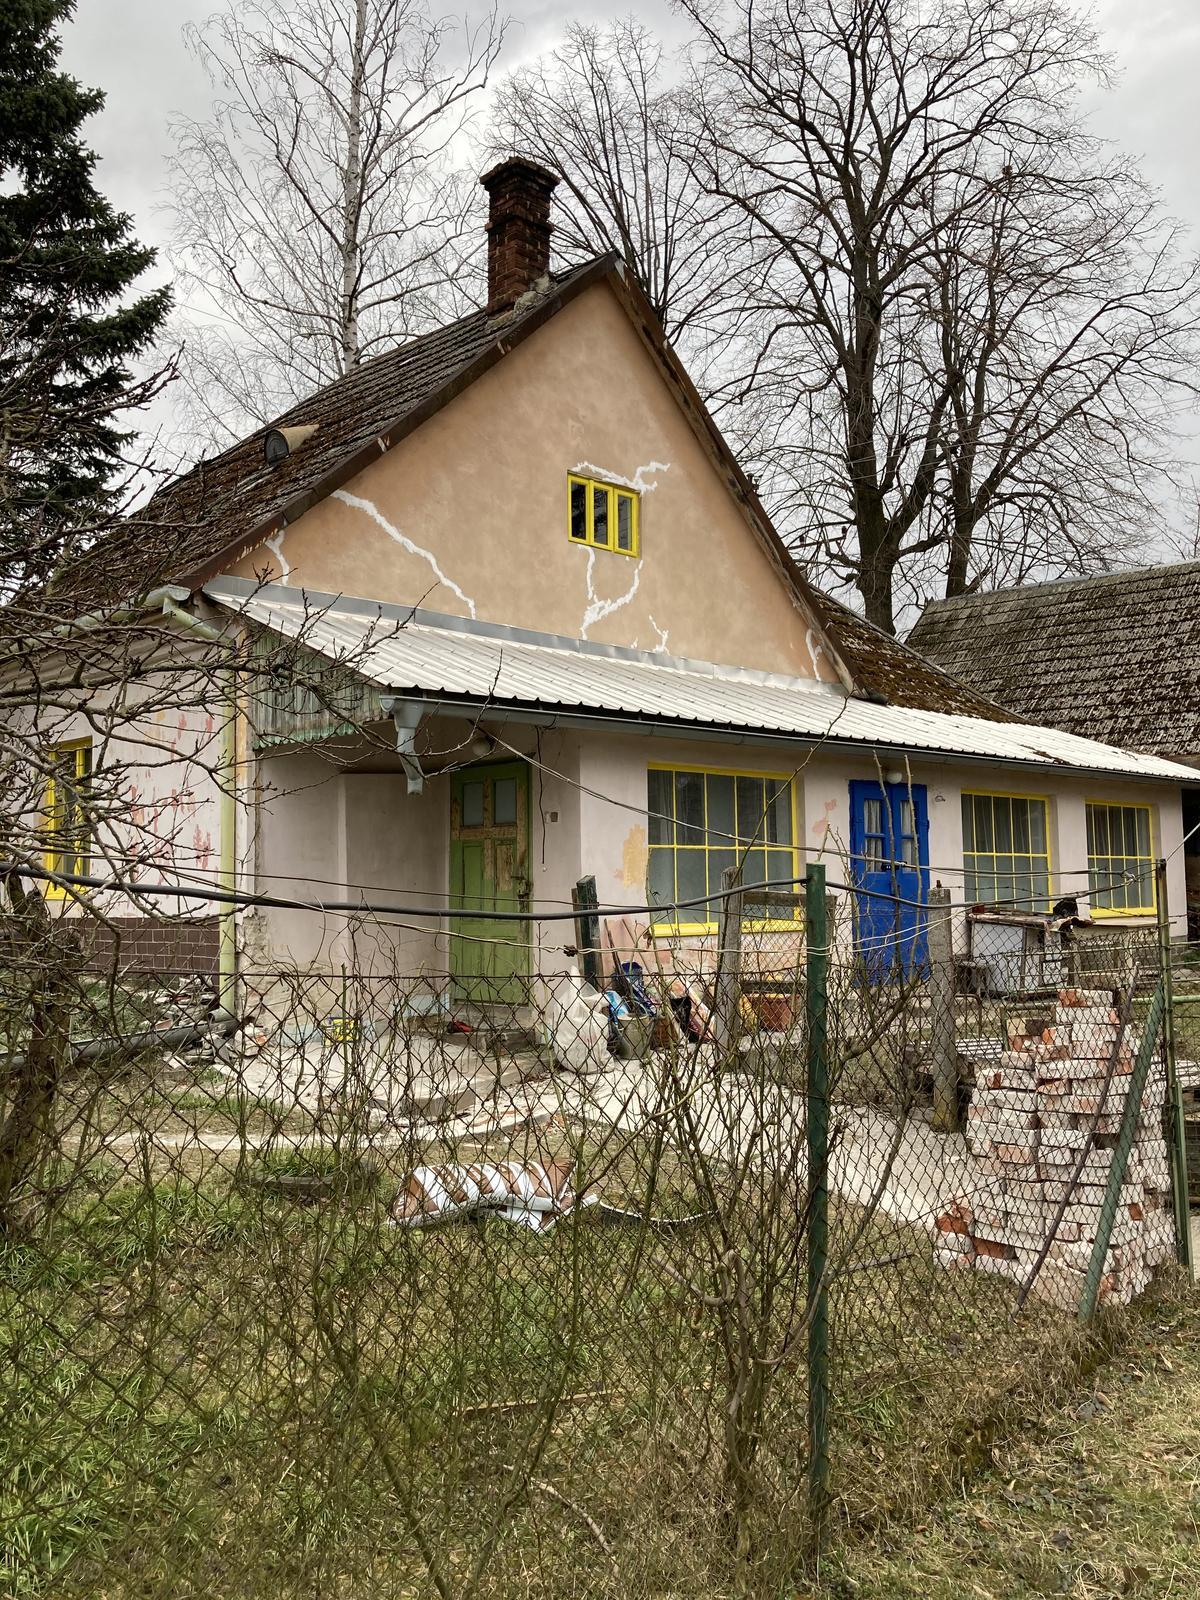 Dom - ❤️ okno v podkroví hotové ❤️